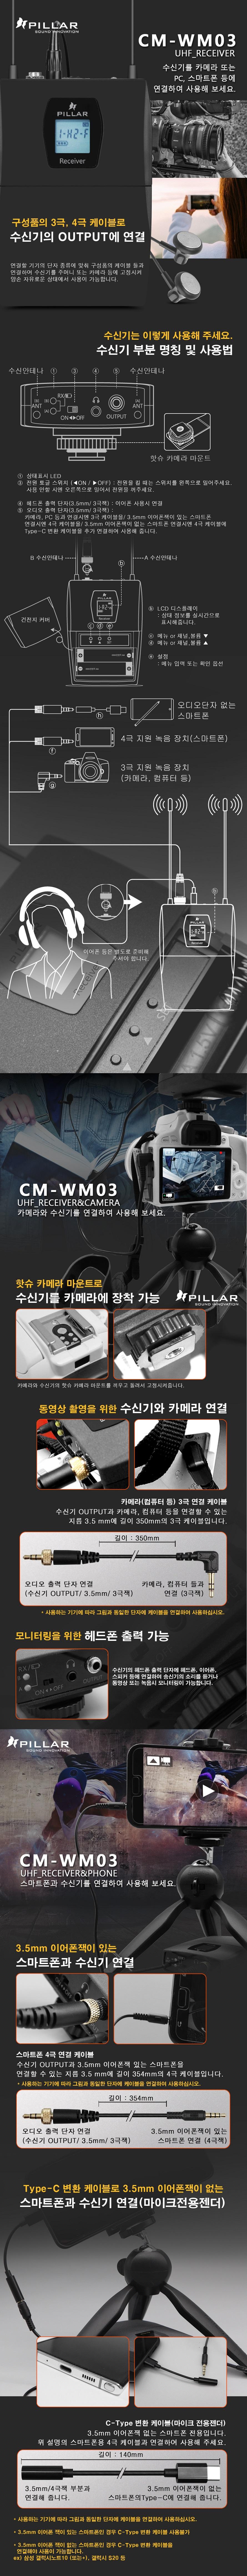 컴소닉 PILLAR CM-WM03 UHF 듀얼 무선 핀마이크